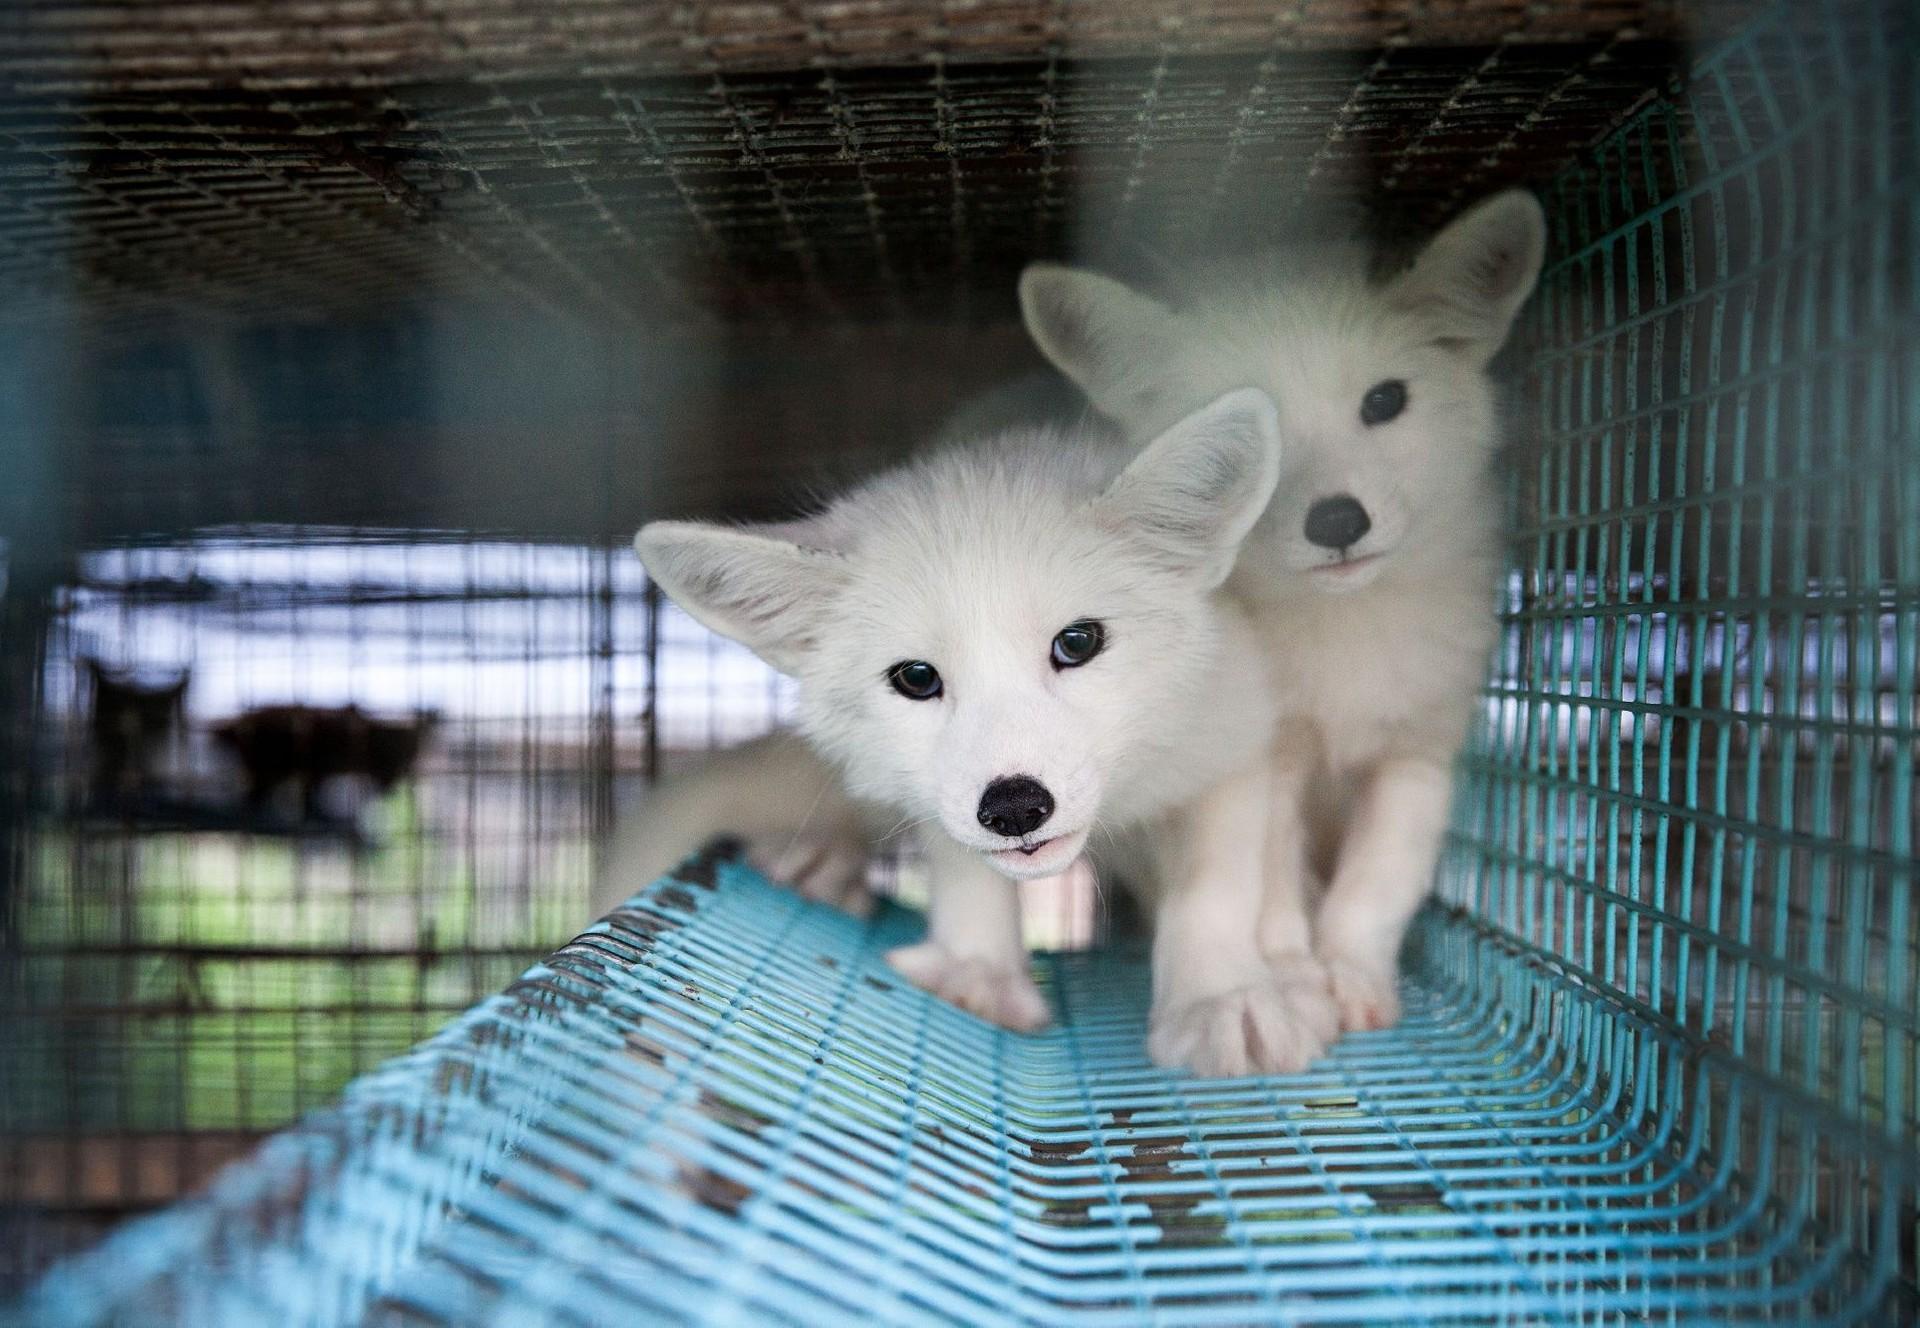 Maderhunde im Käfig auf einer Nerzfarm